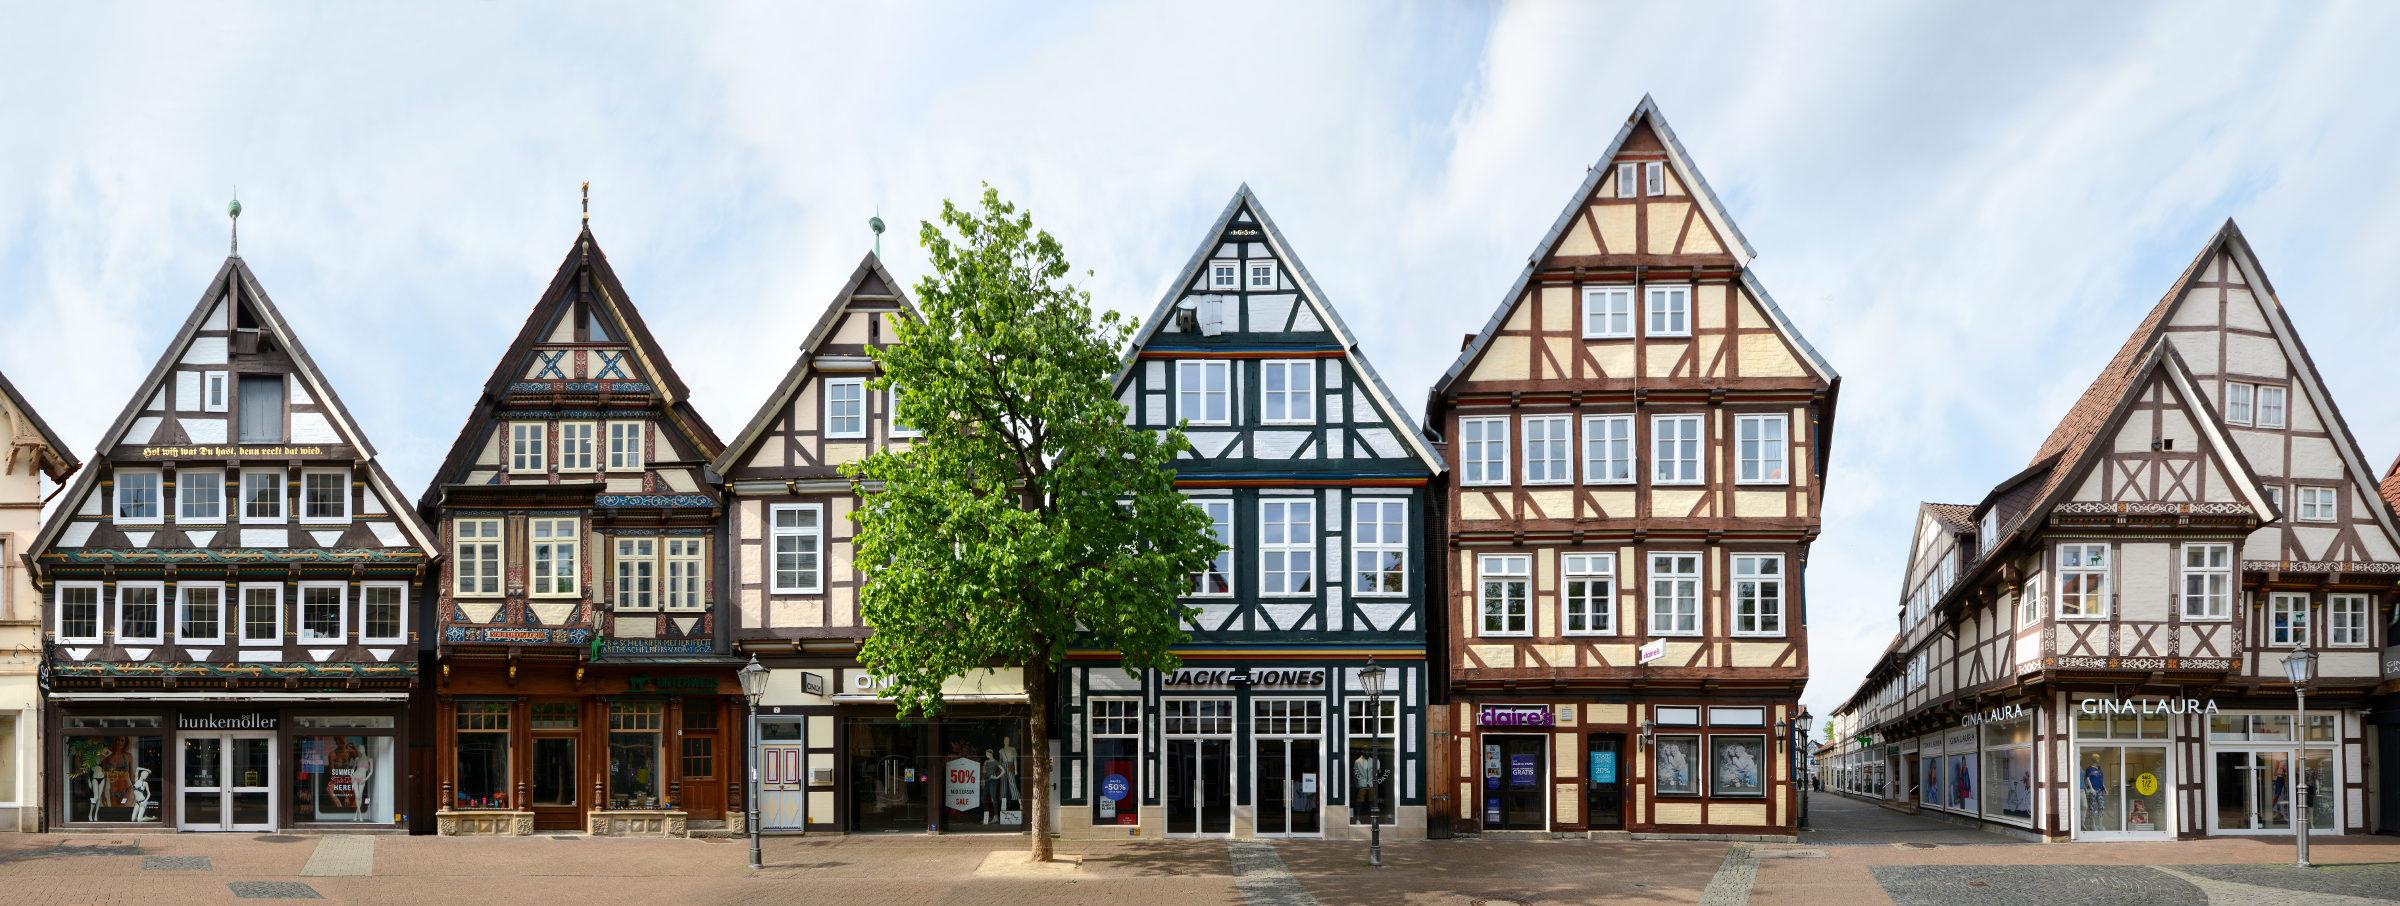 Fachwerk in Celle, Niedersachsen